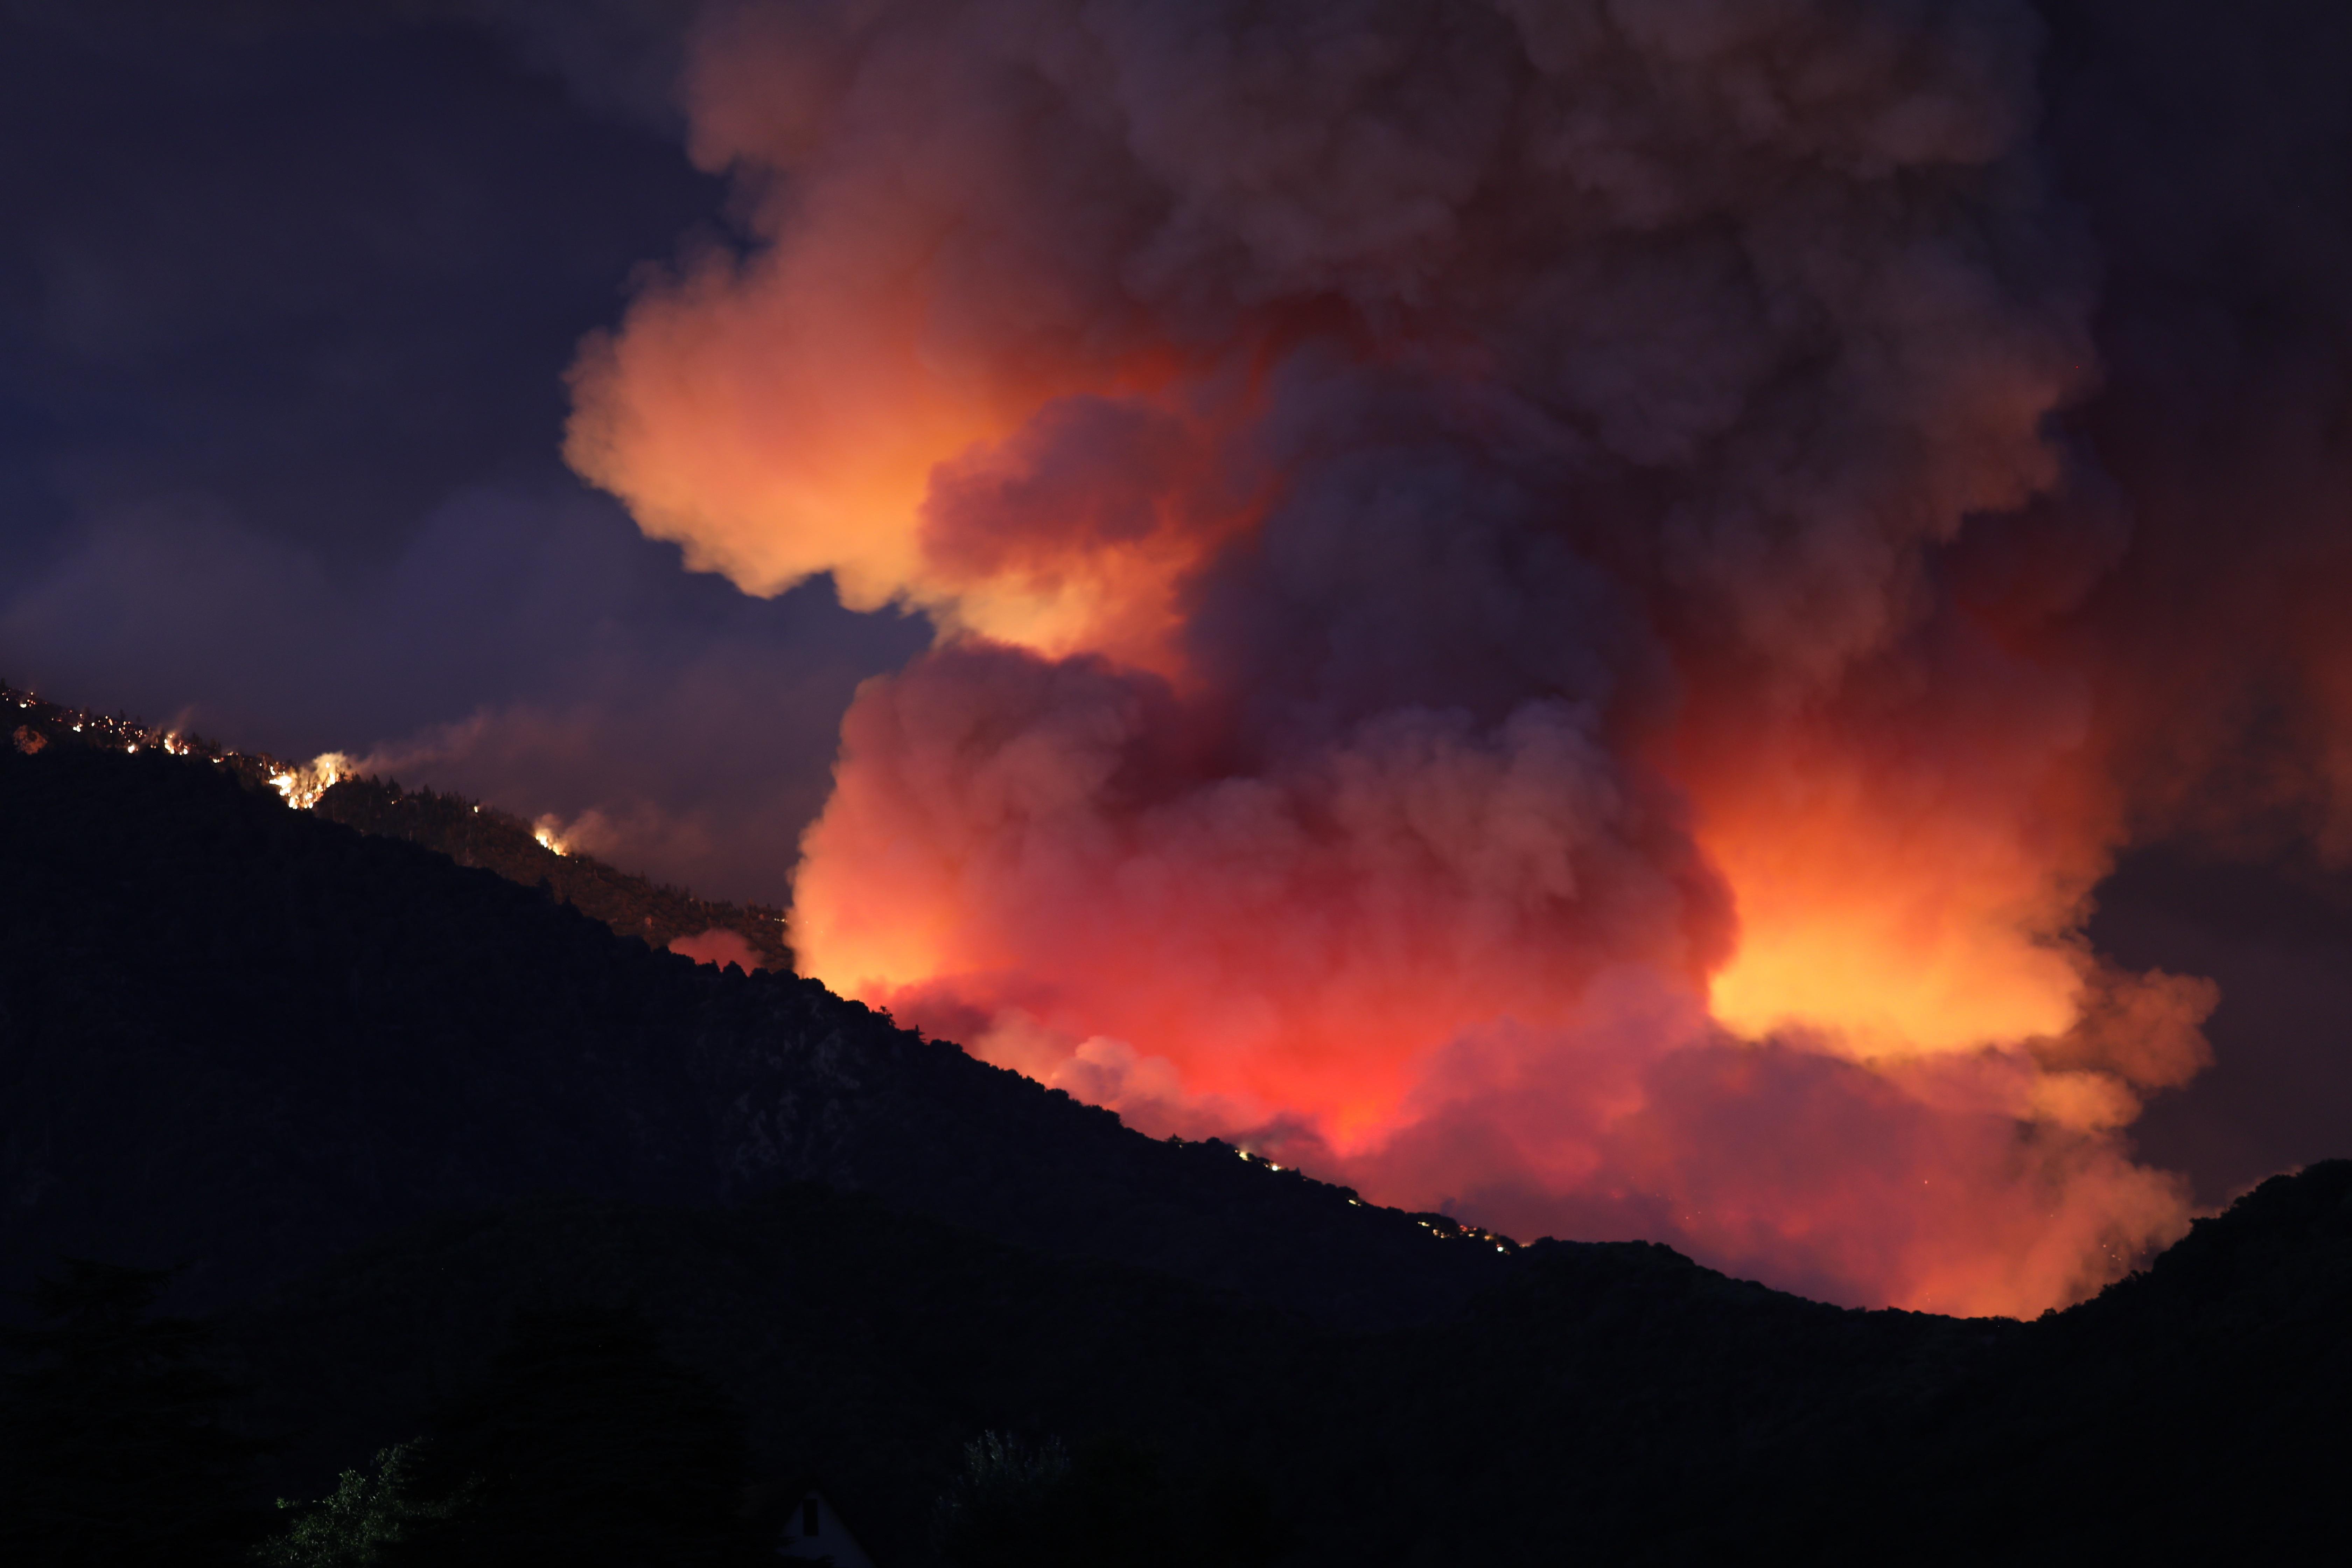 El fuego ha afectado ya a más de 20,000 acres, según las autoridades. Foto: DAVID SWANSON / Efe